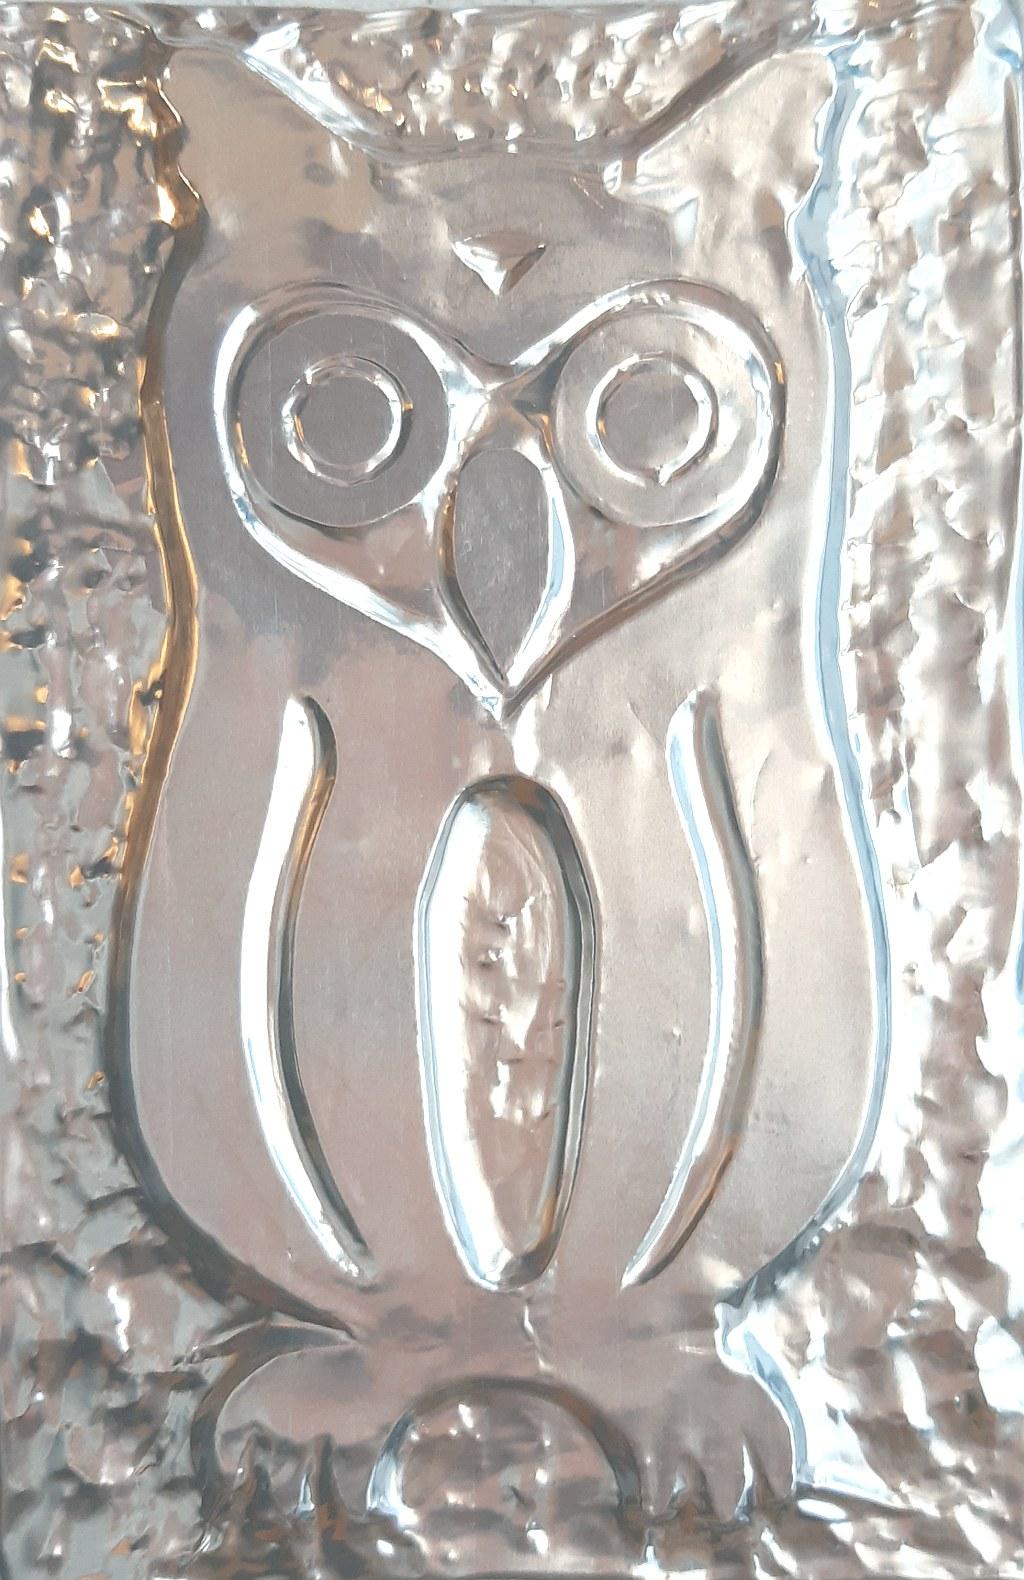 il Gufetto - versione scherzosa e scaramantica del Gufo, quest'ultimo considerato portatore di sfortuna; il bassorilievo rappresenta il Gufetto nei suoi tratti generali, il gufetto è spesso oggetto di collezione - lamina di alluminio - Claudio Bobbi - 2020